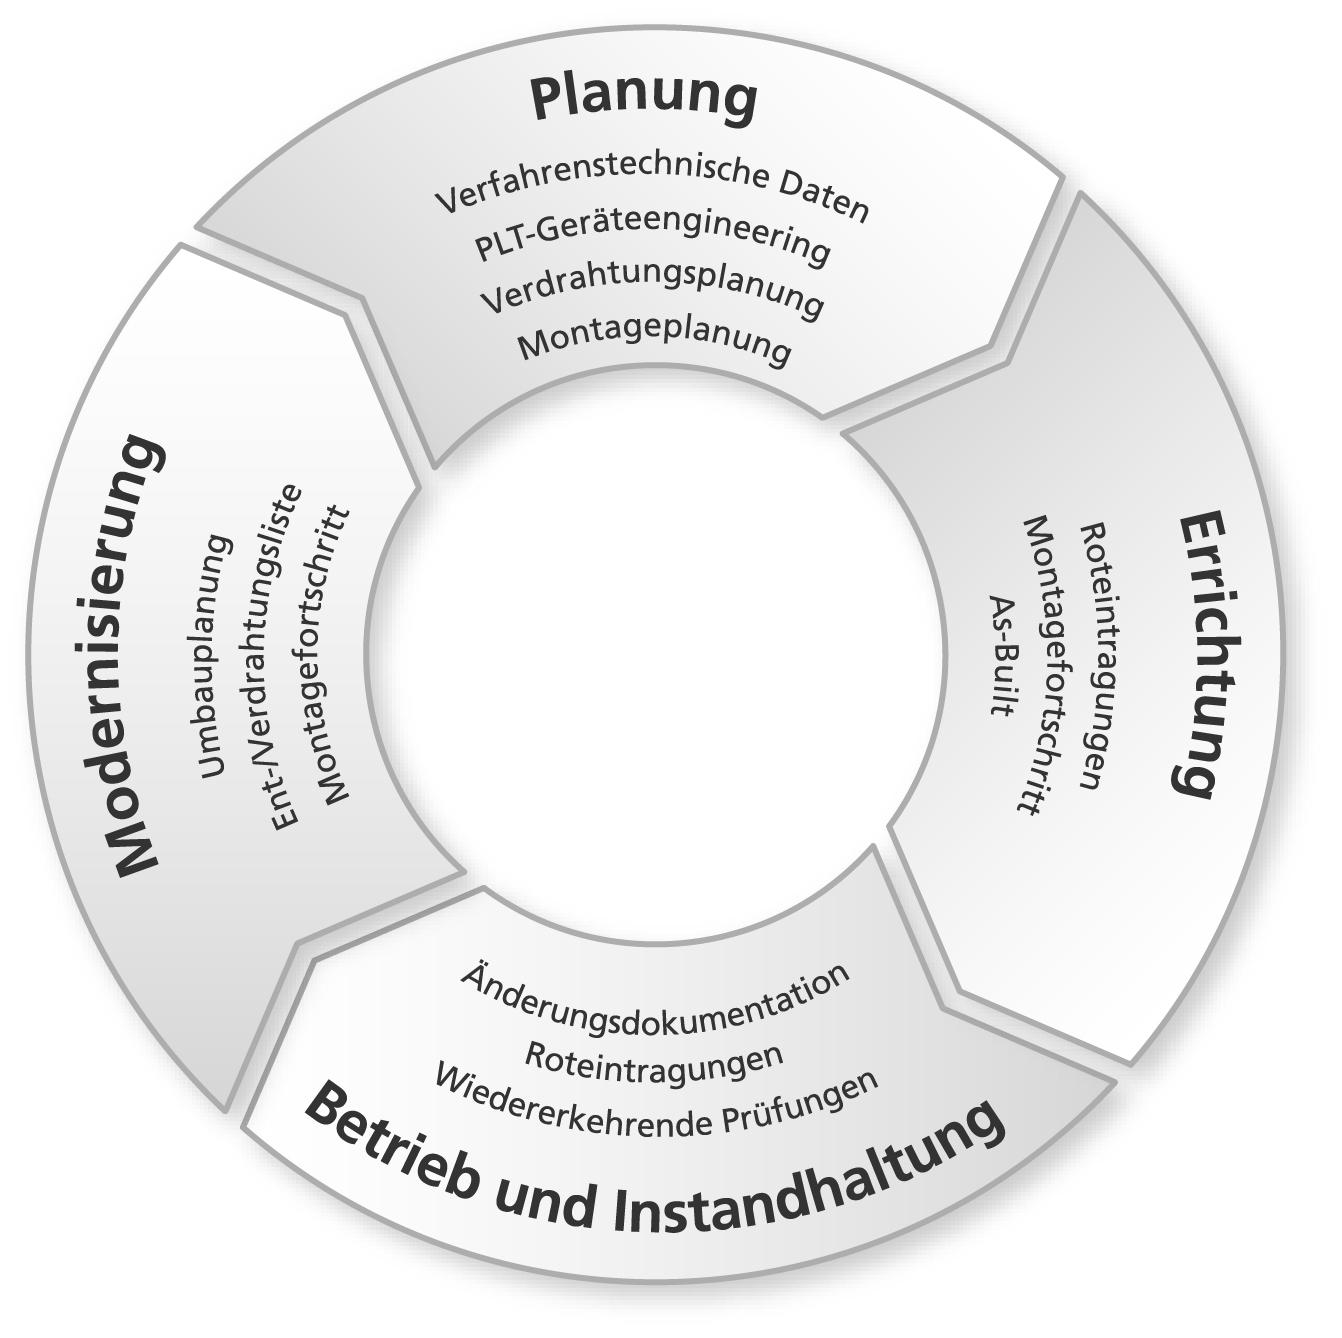 Während des gesamten Anlagenlebenszyklus wird die Anlage permanent verändert, erneuert, optimiert. Bild: Rösberg